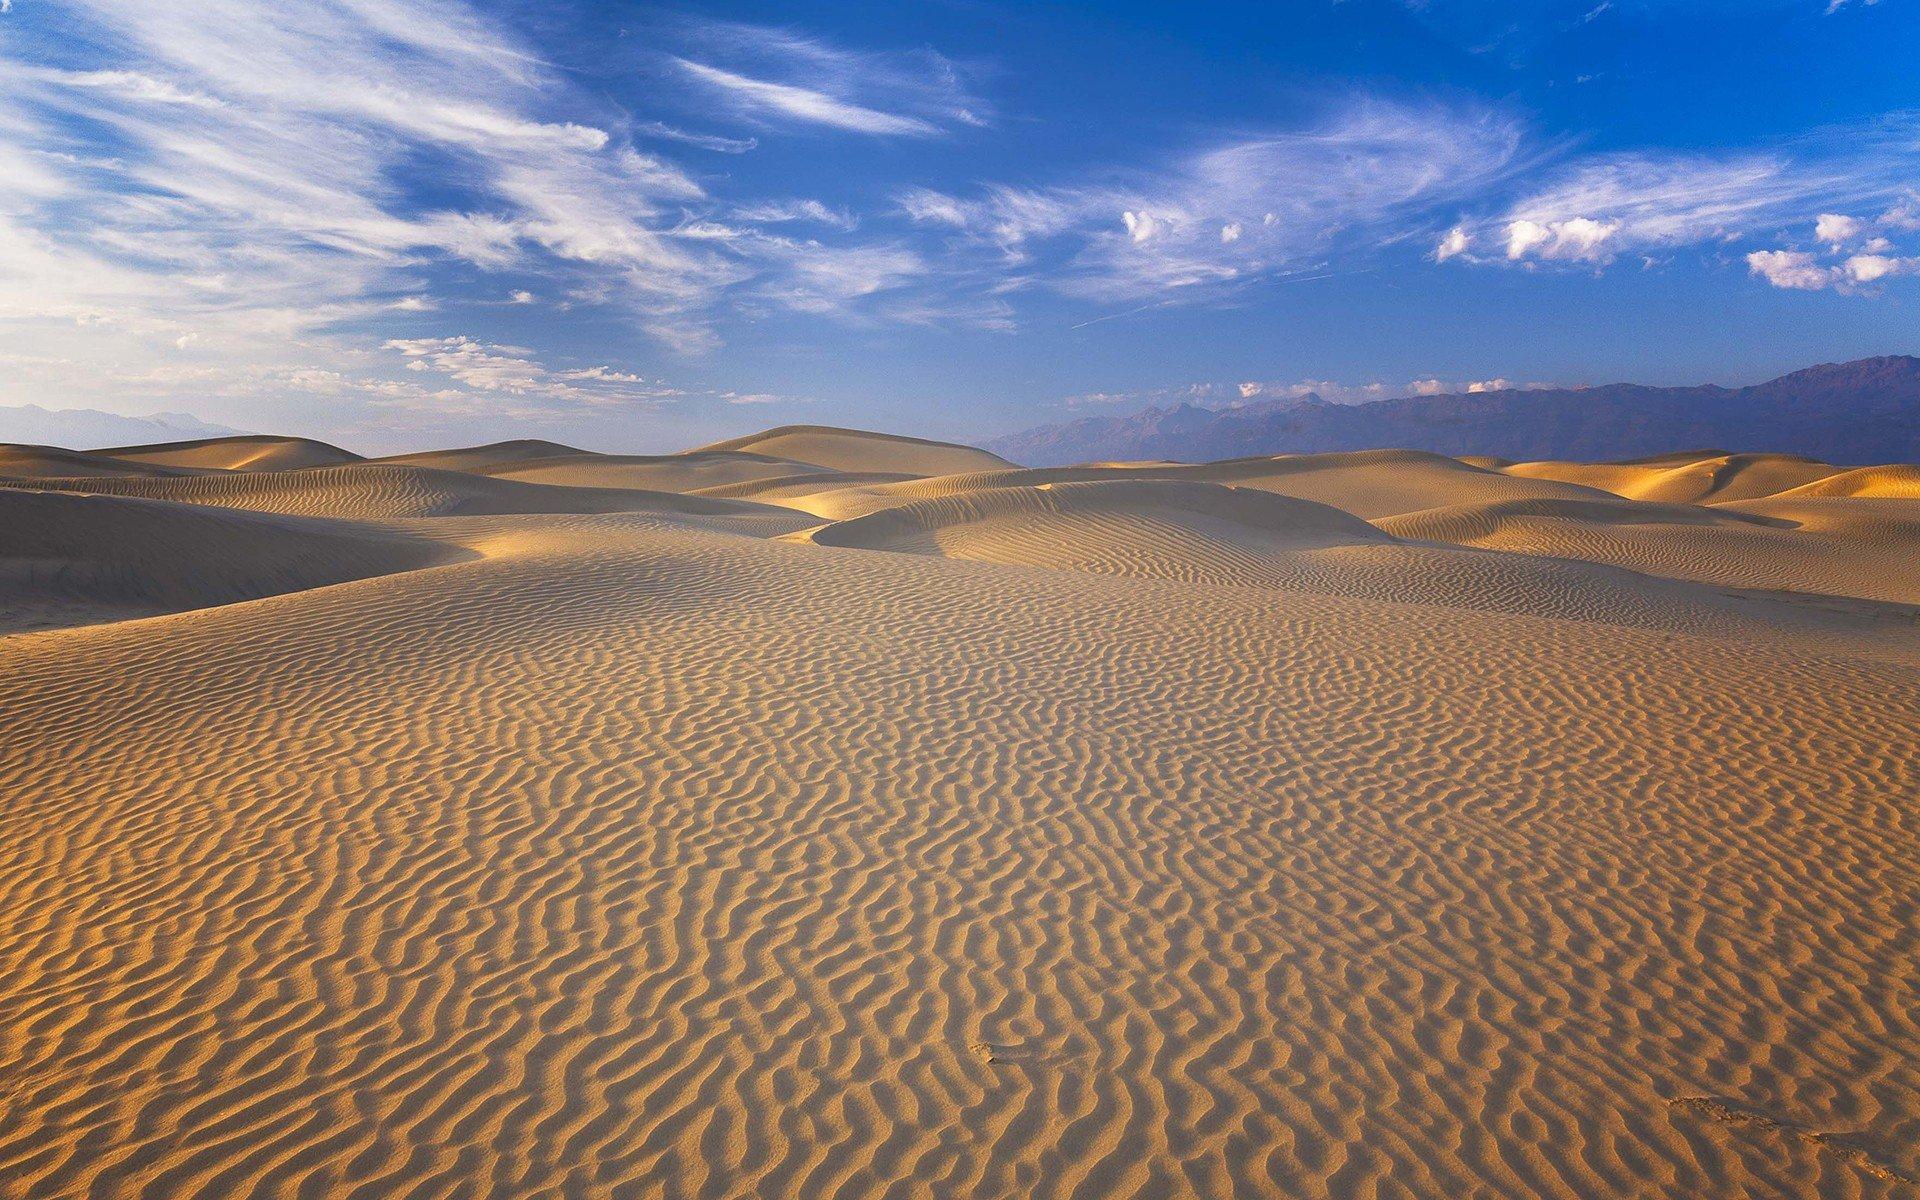 картинки пустыня для рабочего стола должен находиться